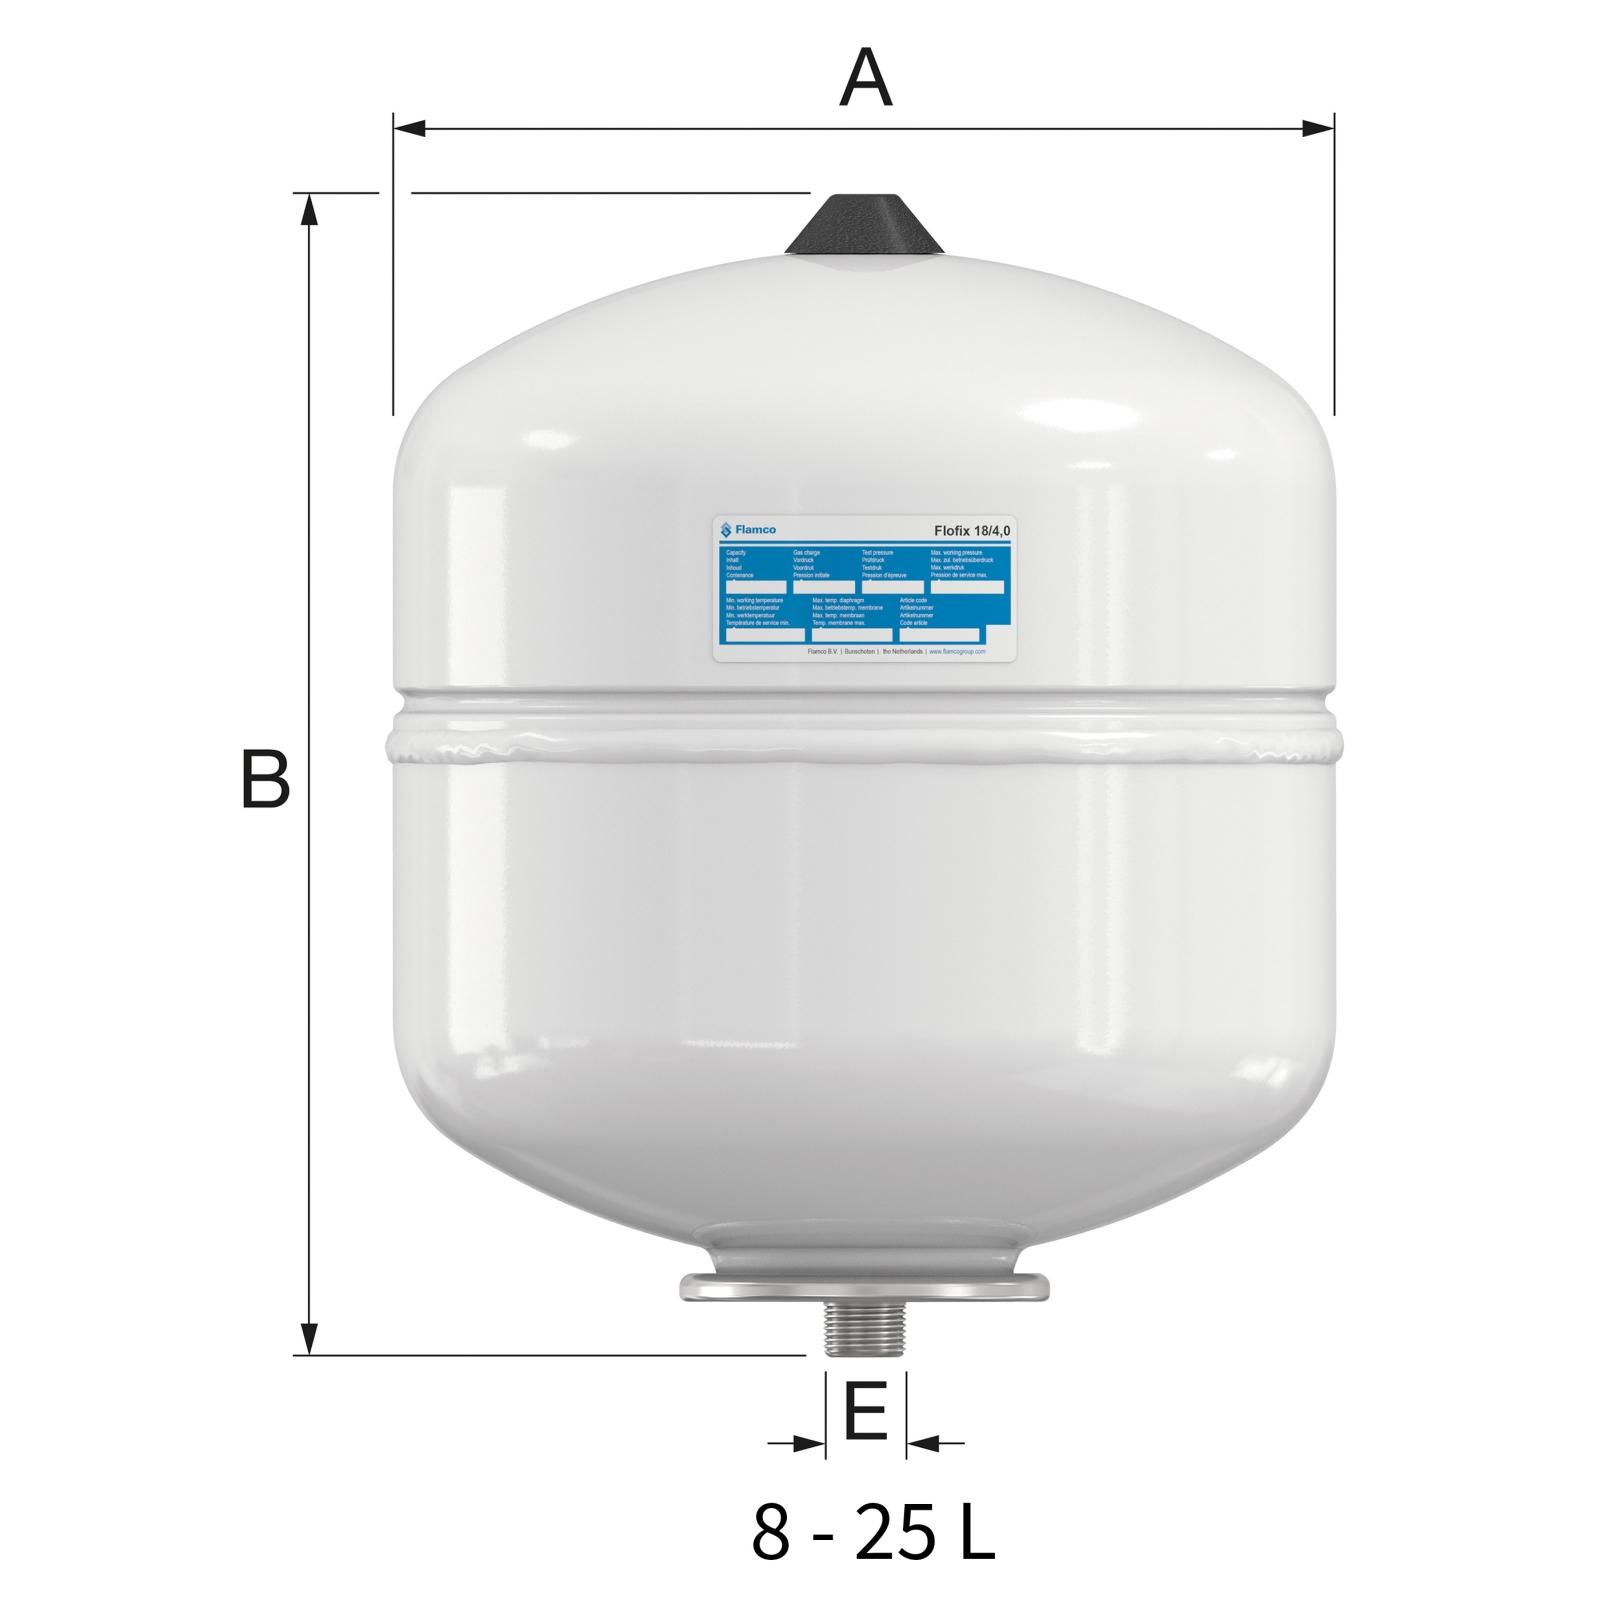 Flamco Flofix 18 Ivóvizes tágulási tartály fali 18 literes 10 bar (25292) műszaki ábra